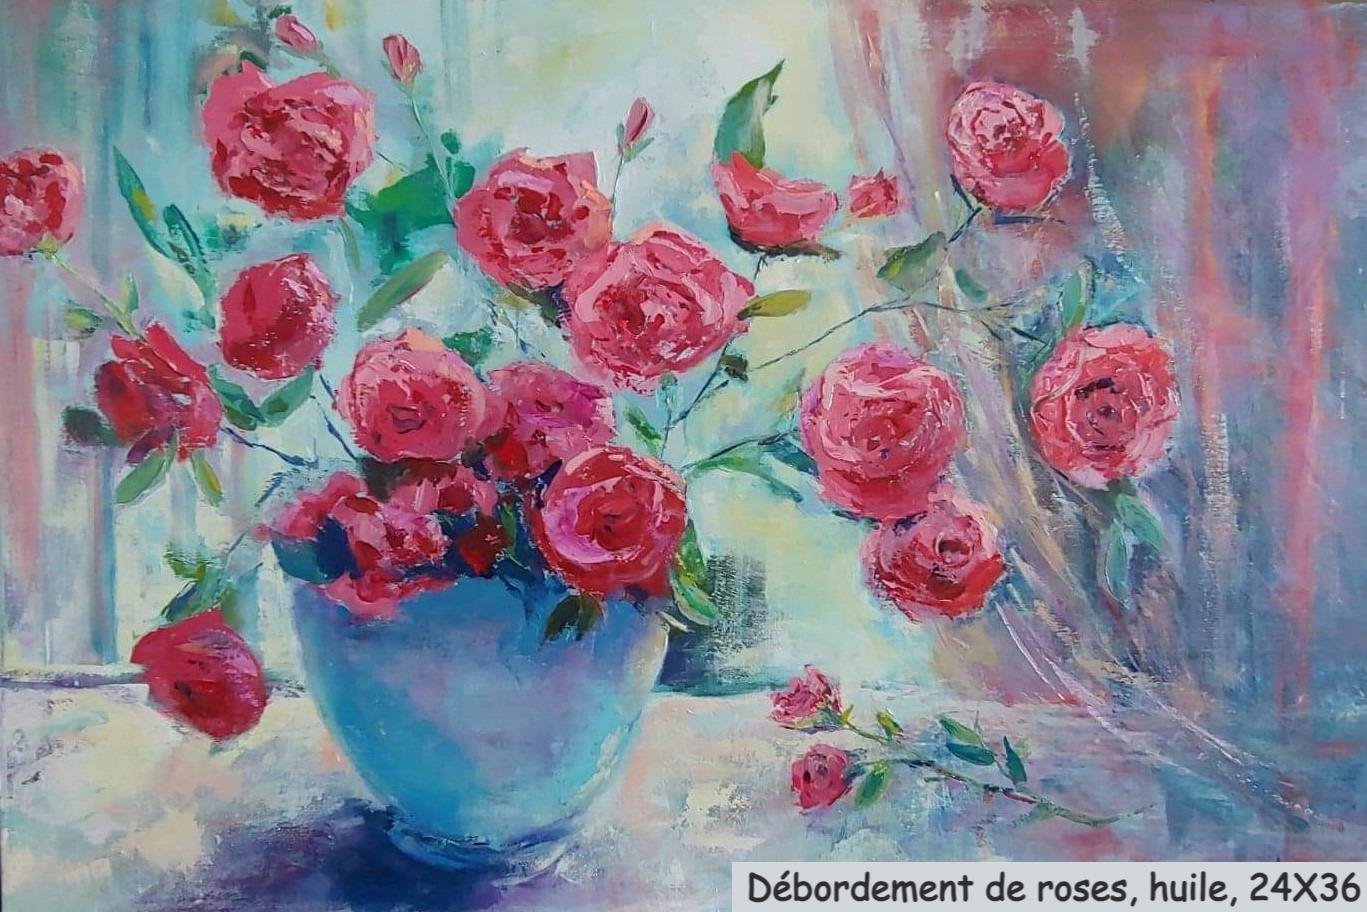 Débordement de roses, huile, 24X36